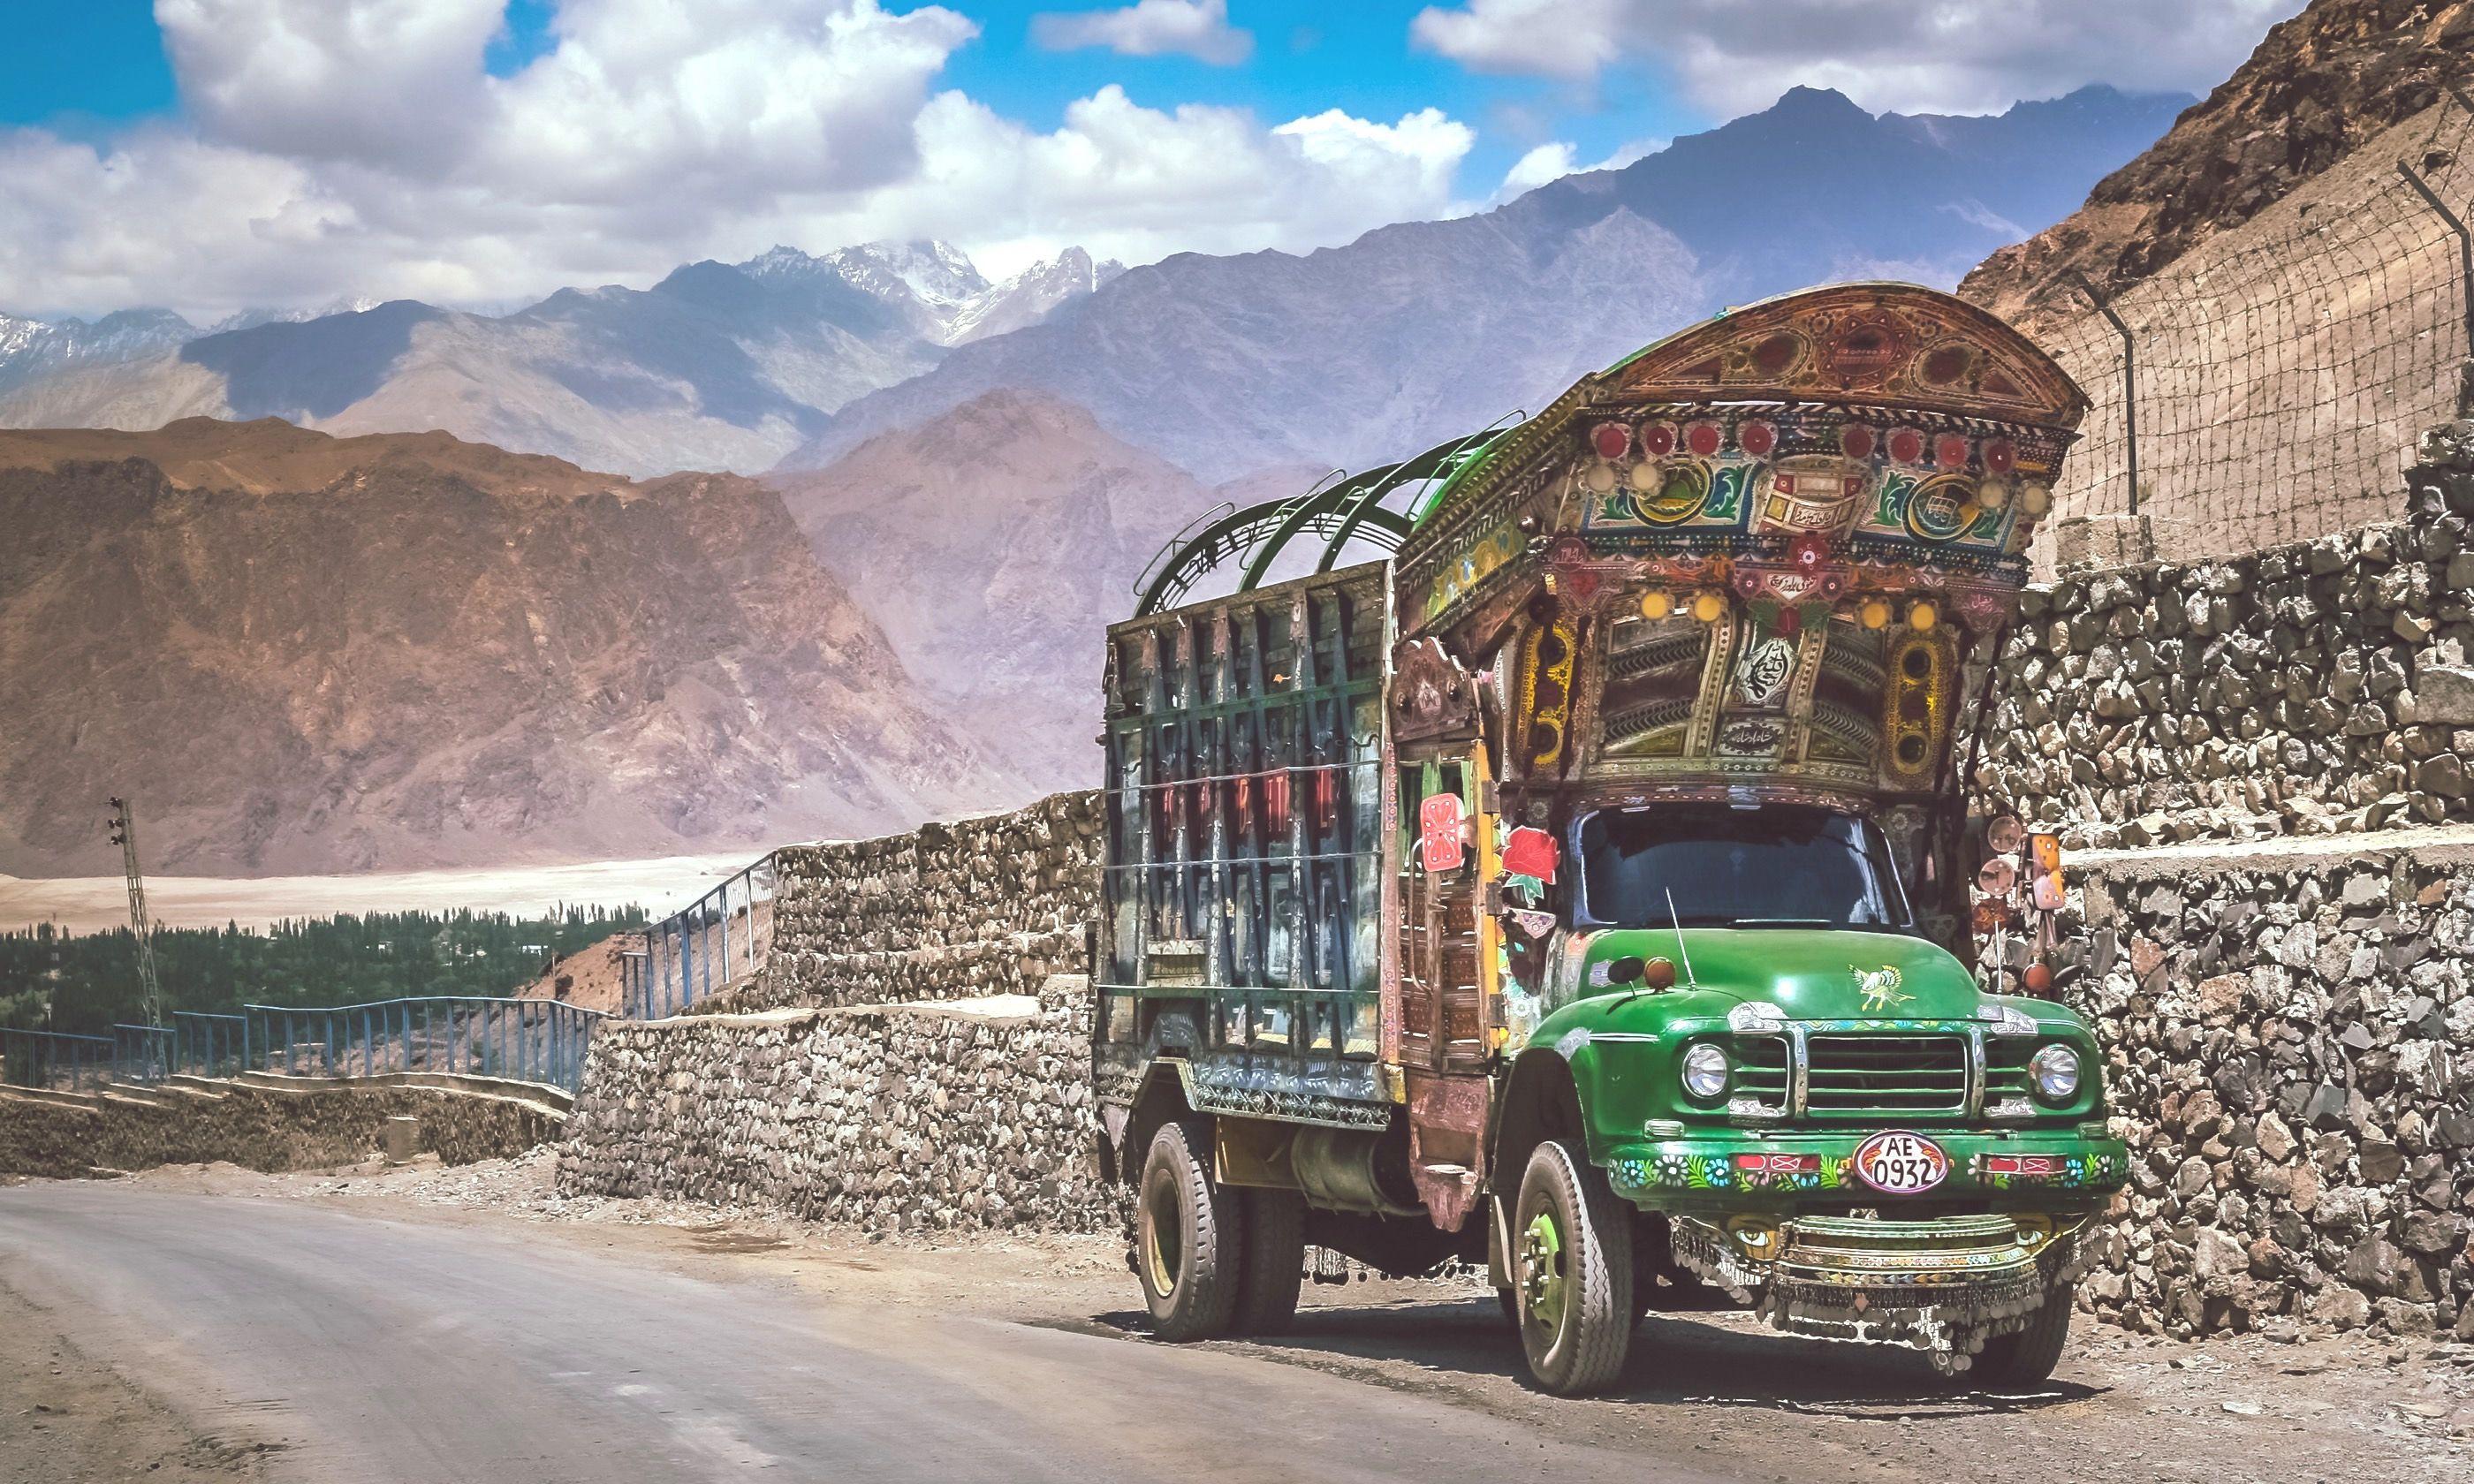 Pakistani truck on the Karakorum Highway (Dreamstime)